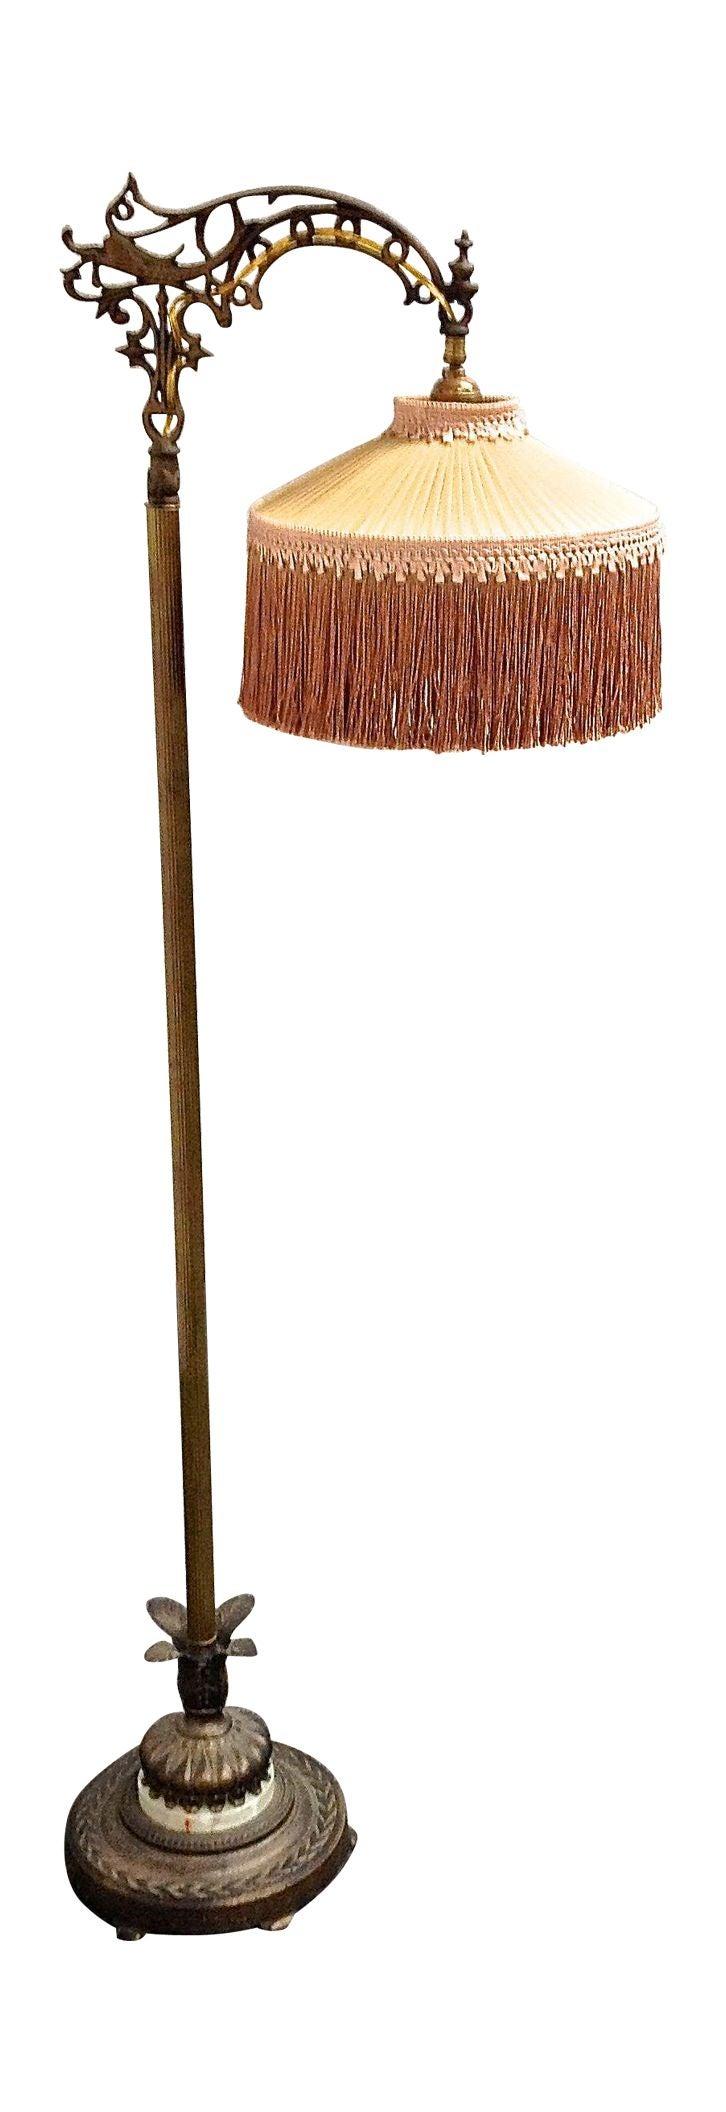 Antique 1930's Bronze Floor Lamp | Chairish